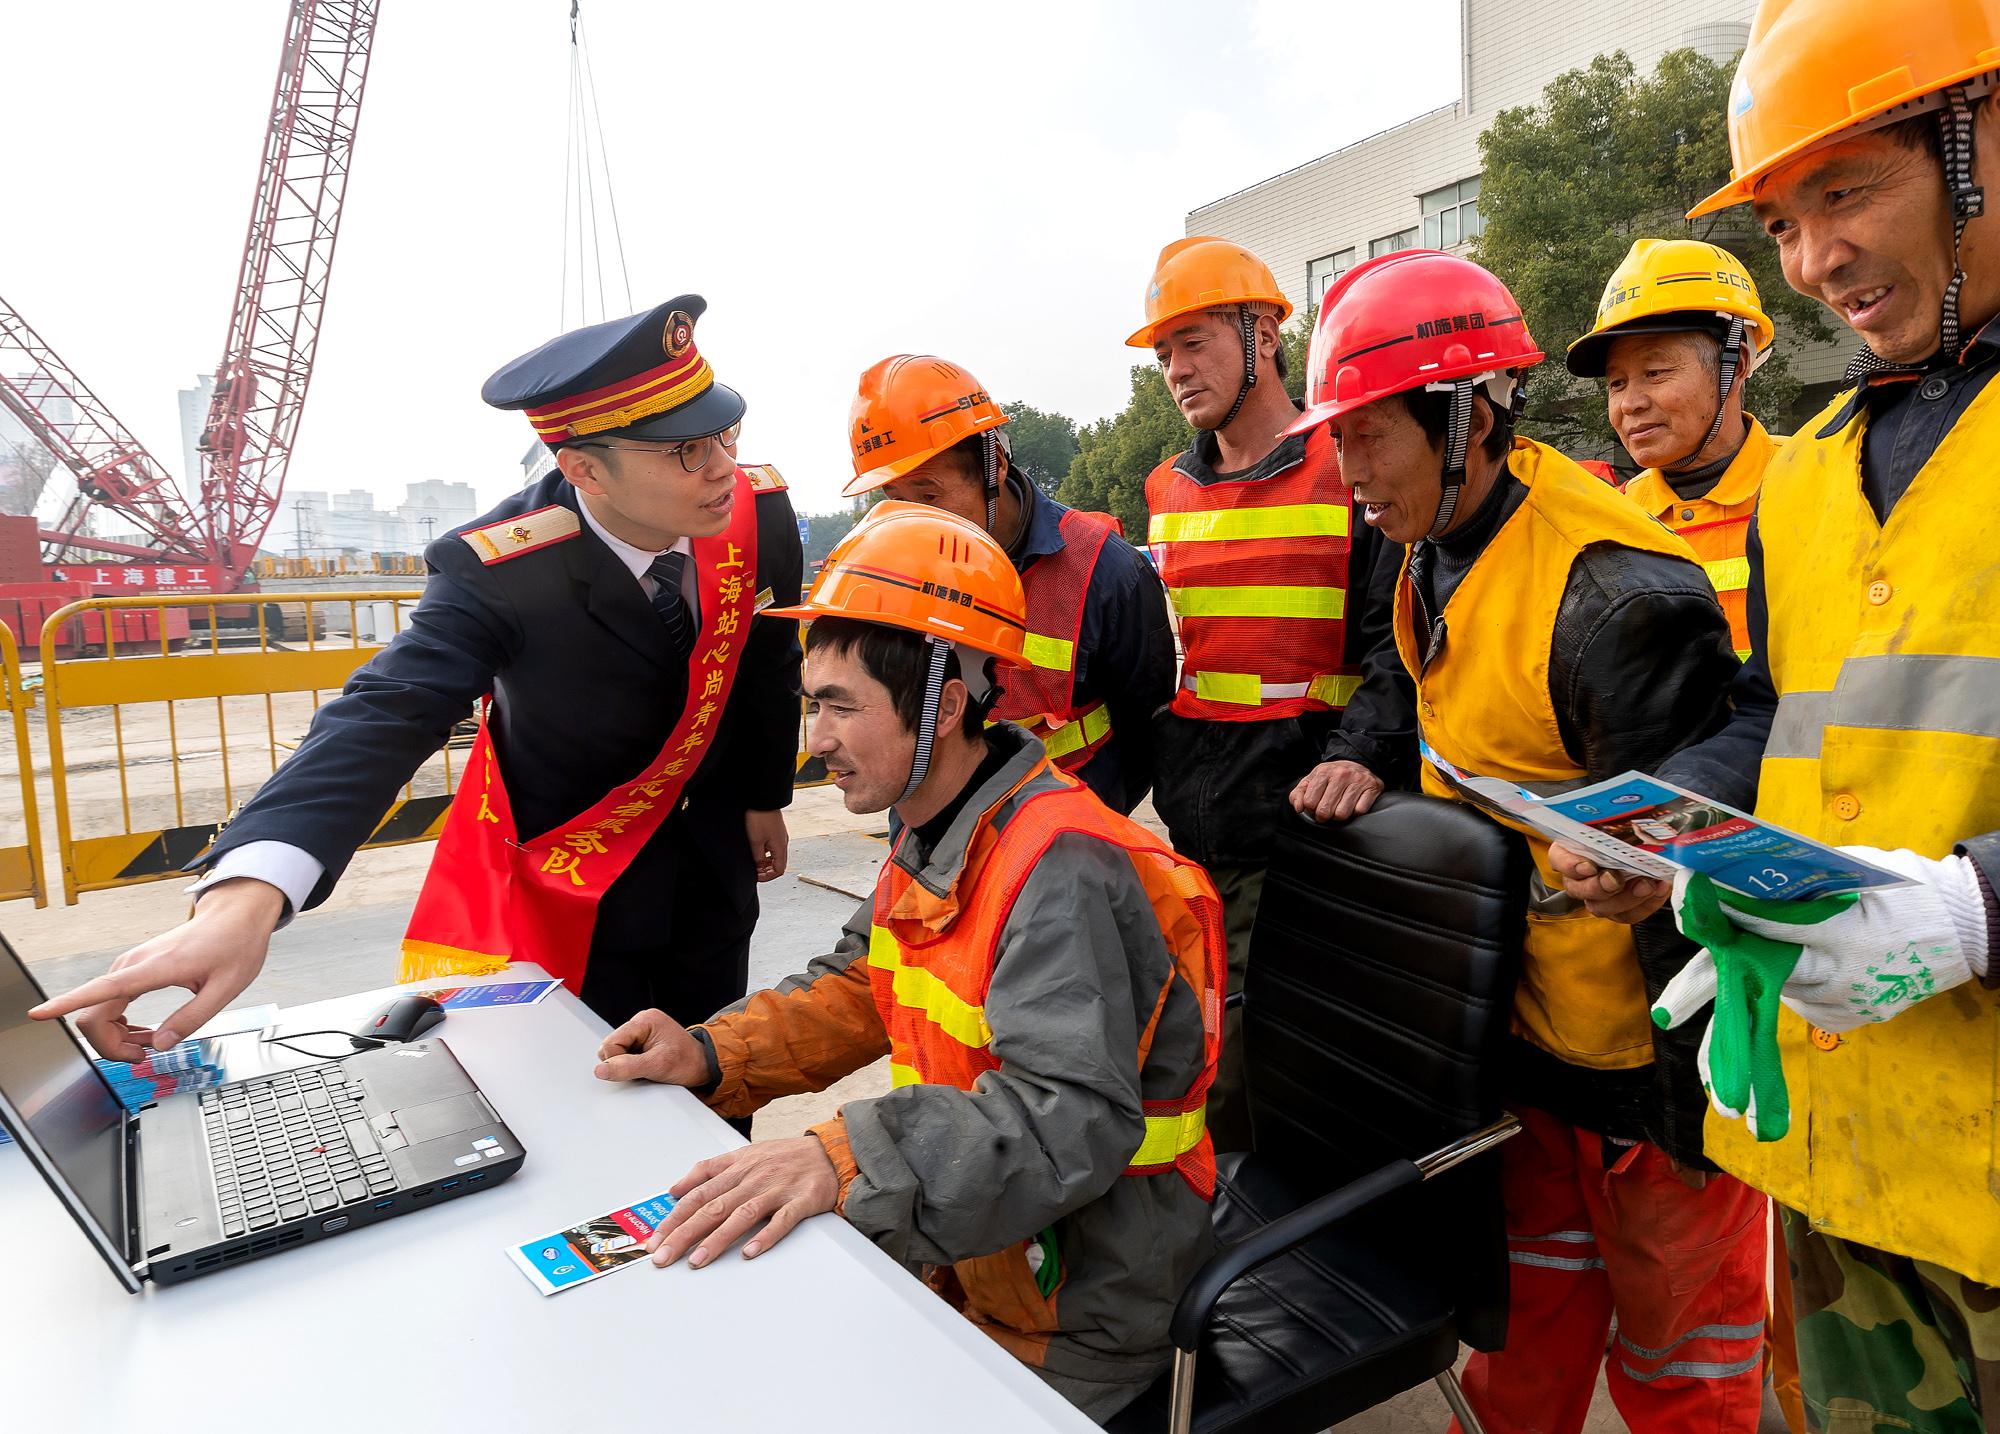 農民工の賃金未払い問題解決に「条例」打ち出す 中国国務院常務会議